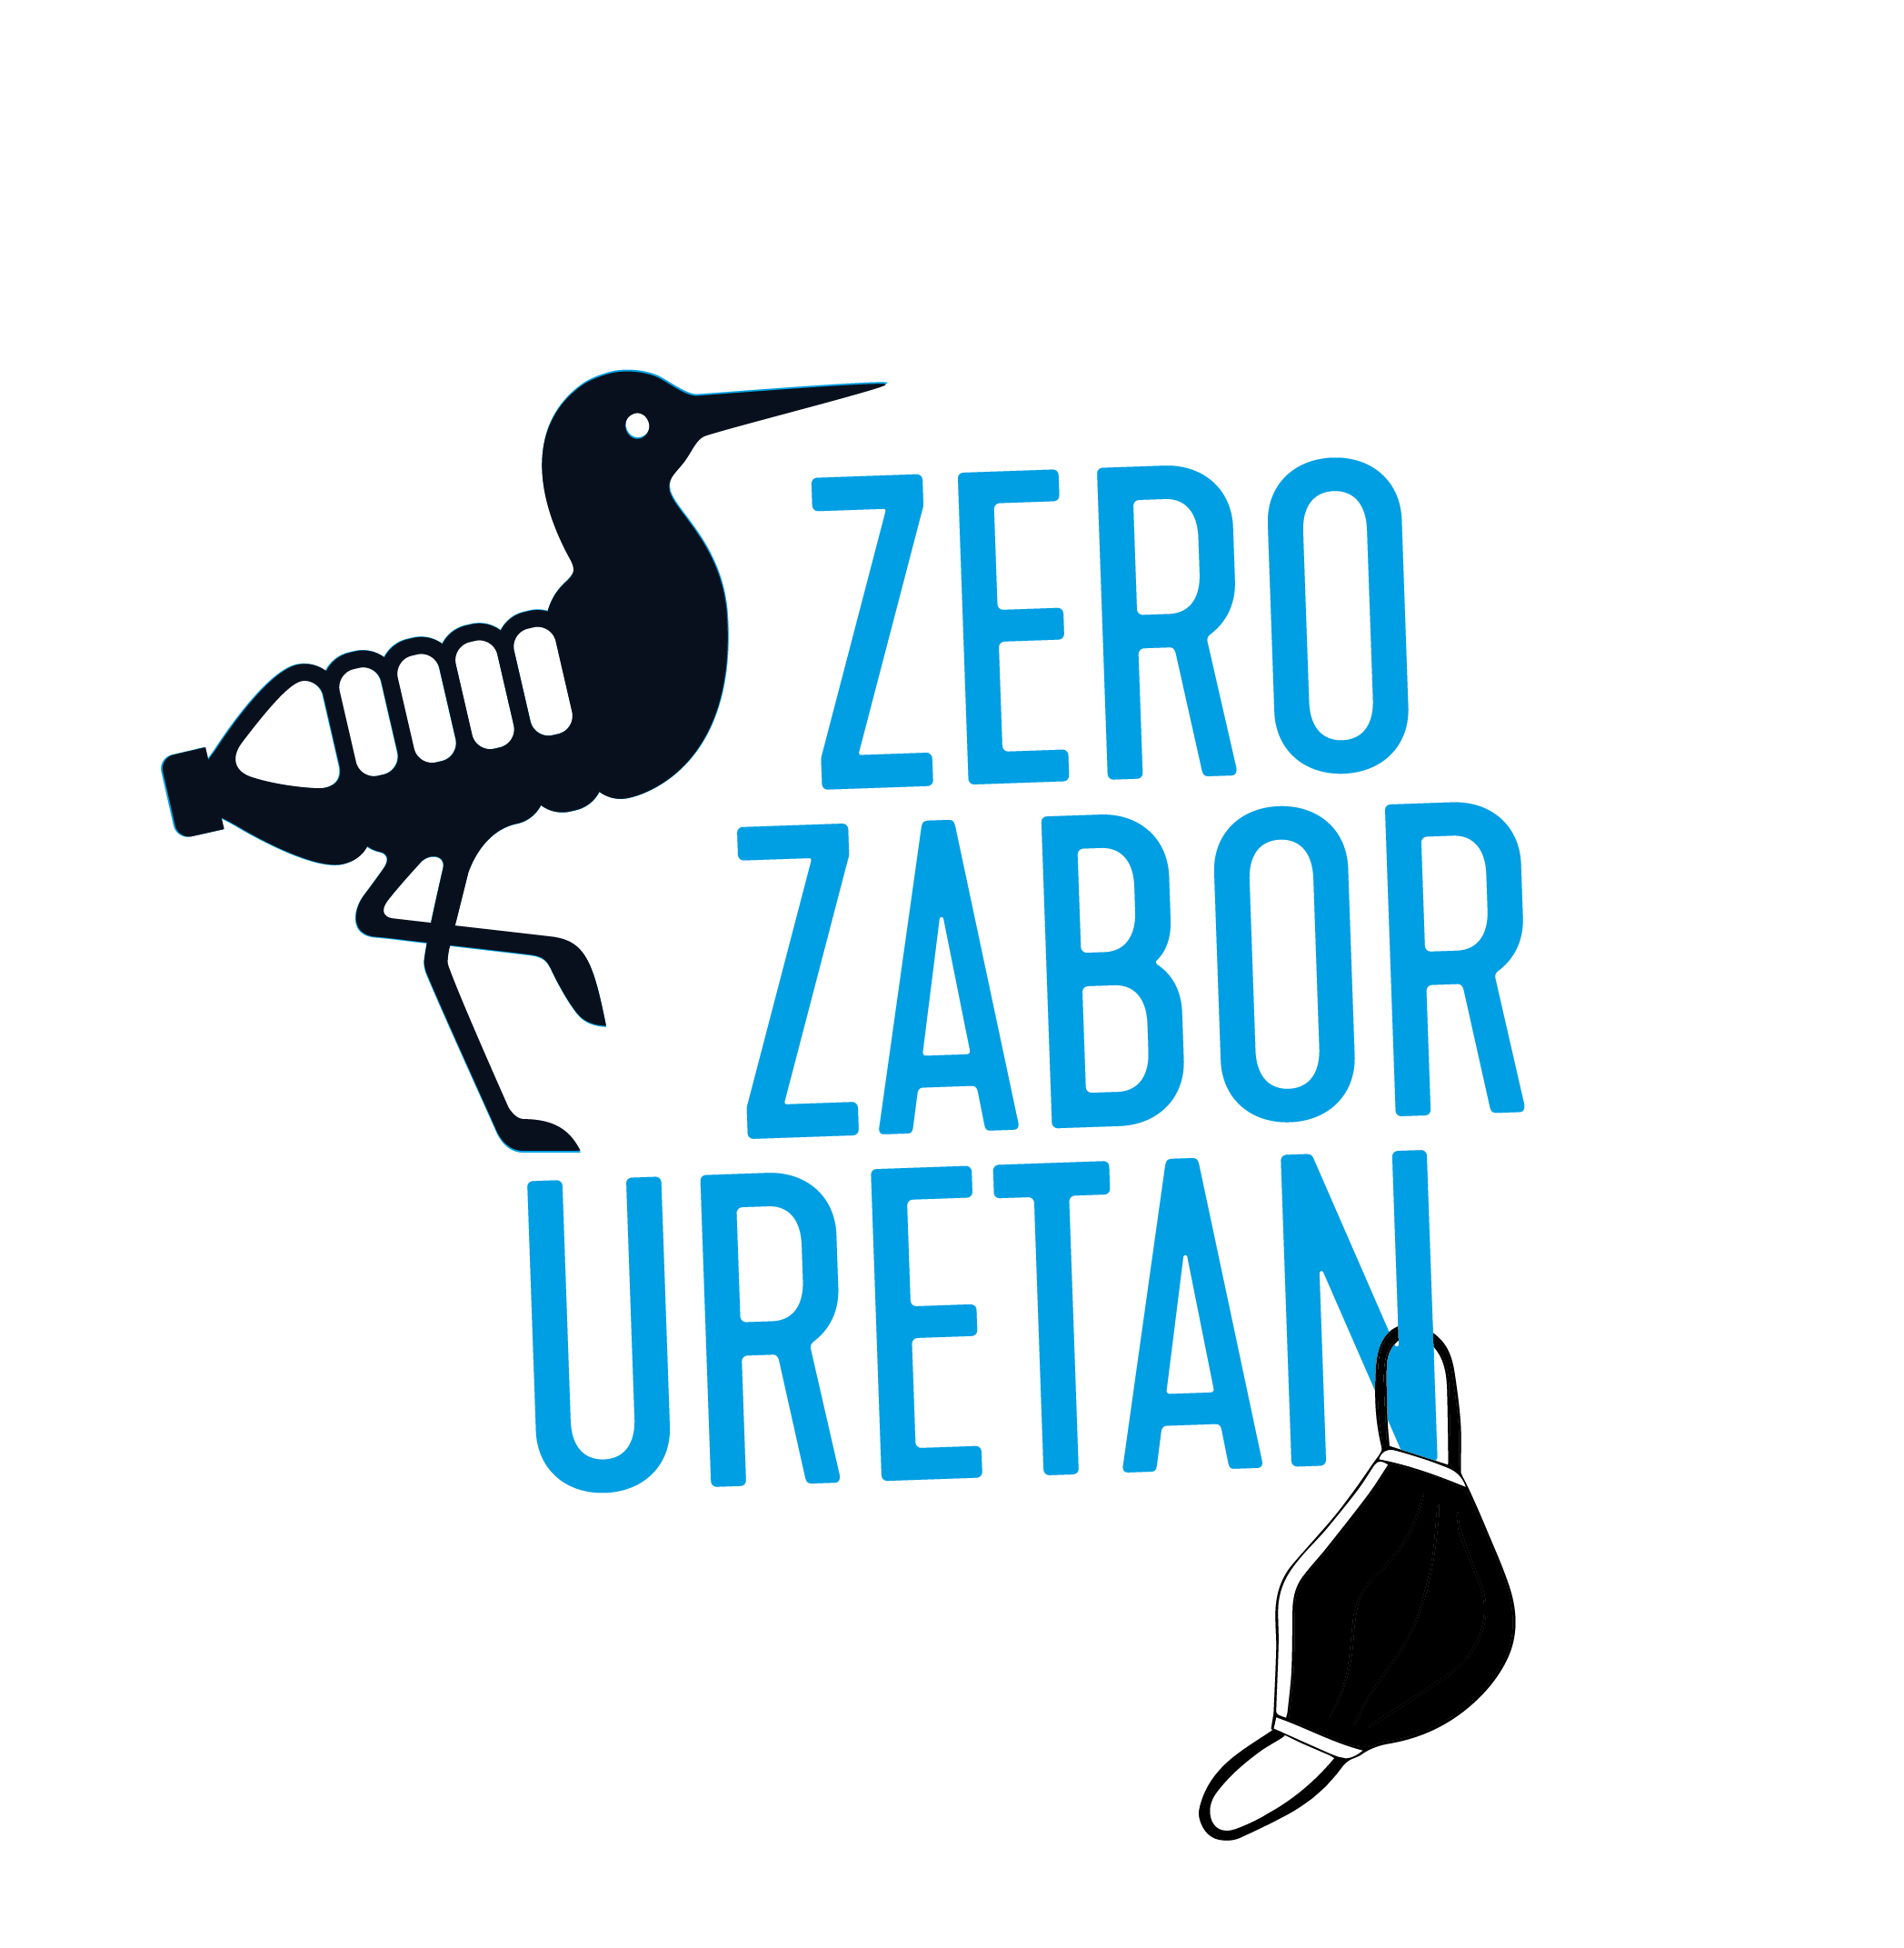 ZZU 20 logo